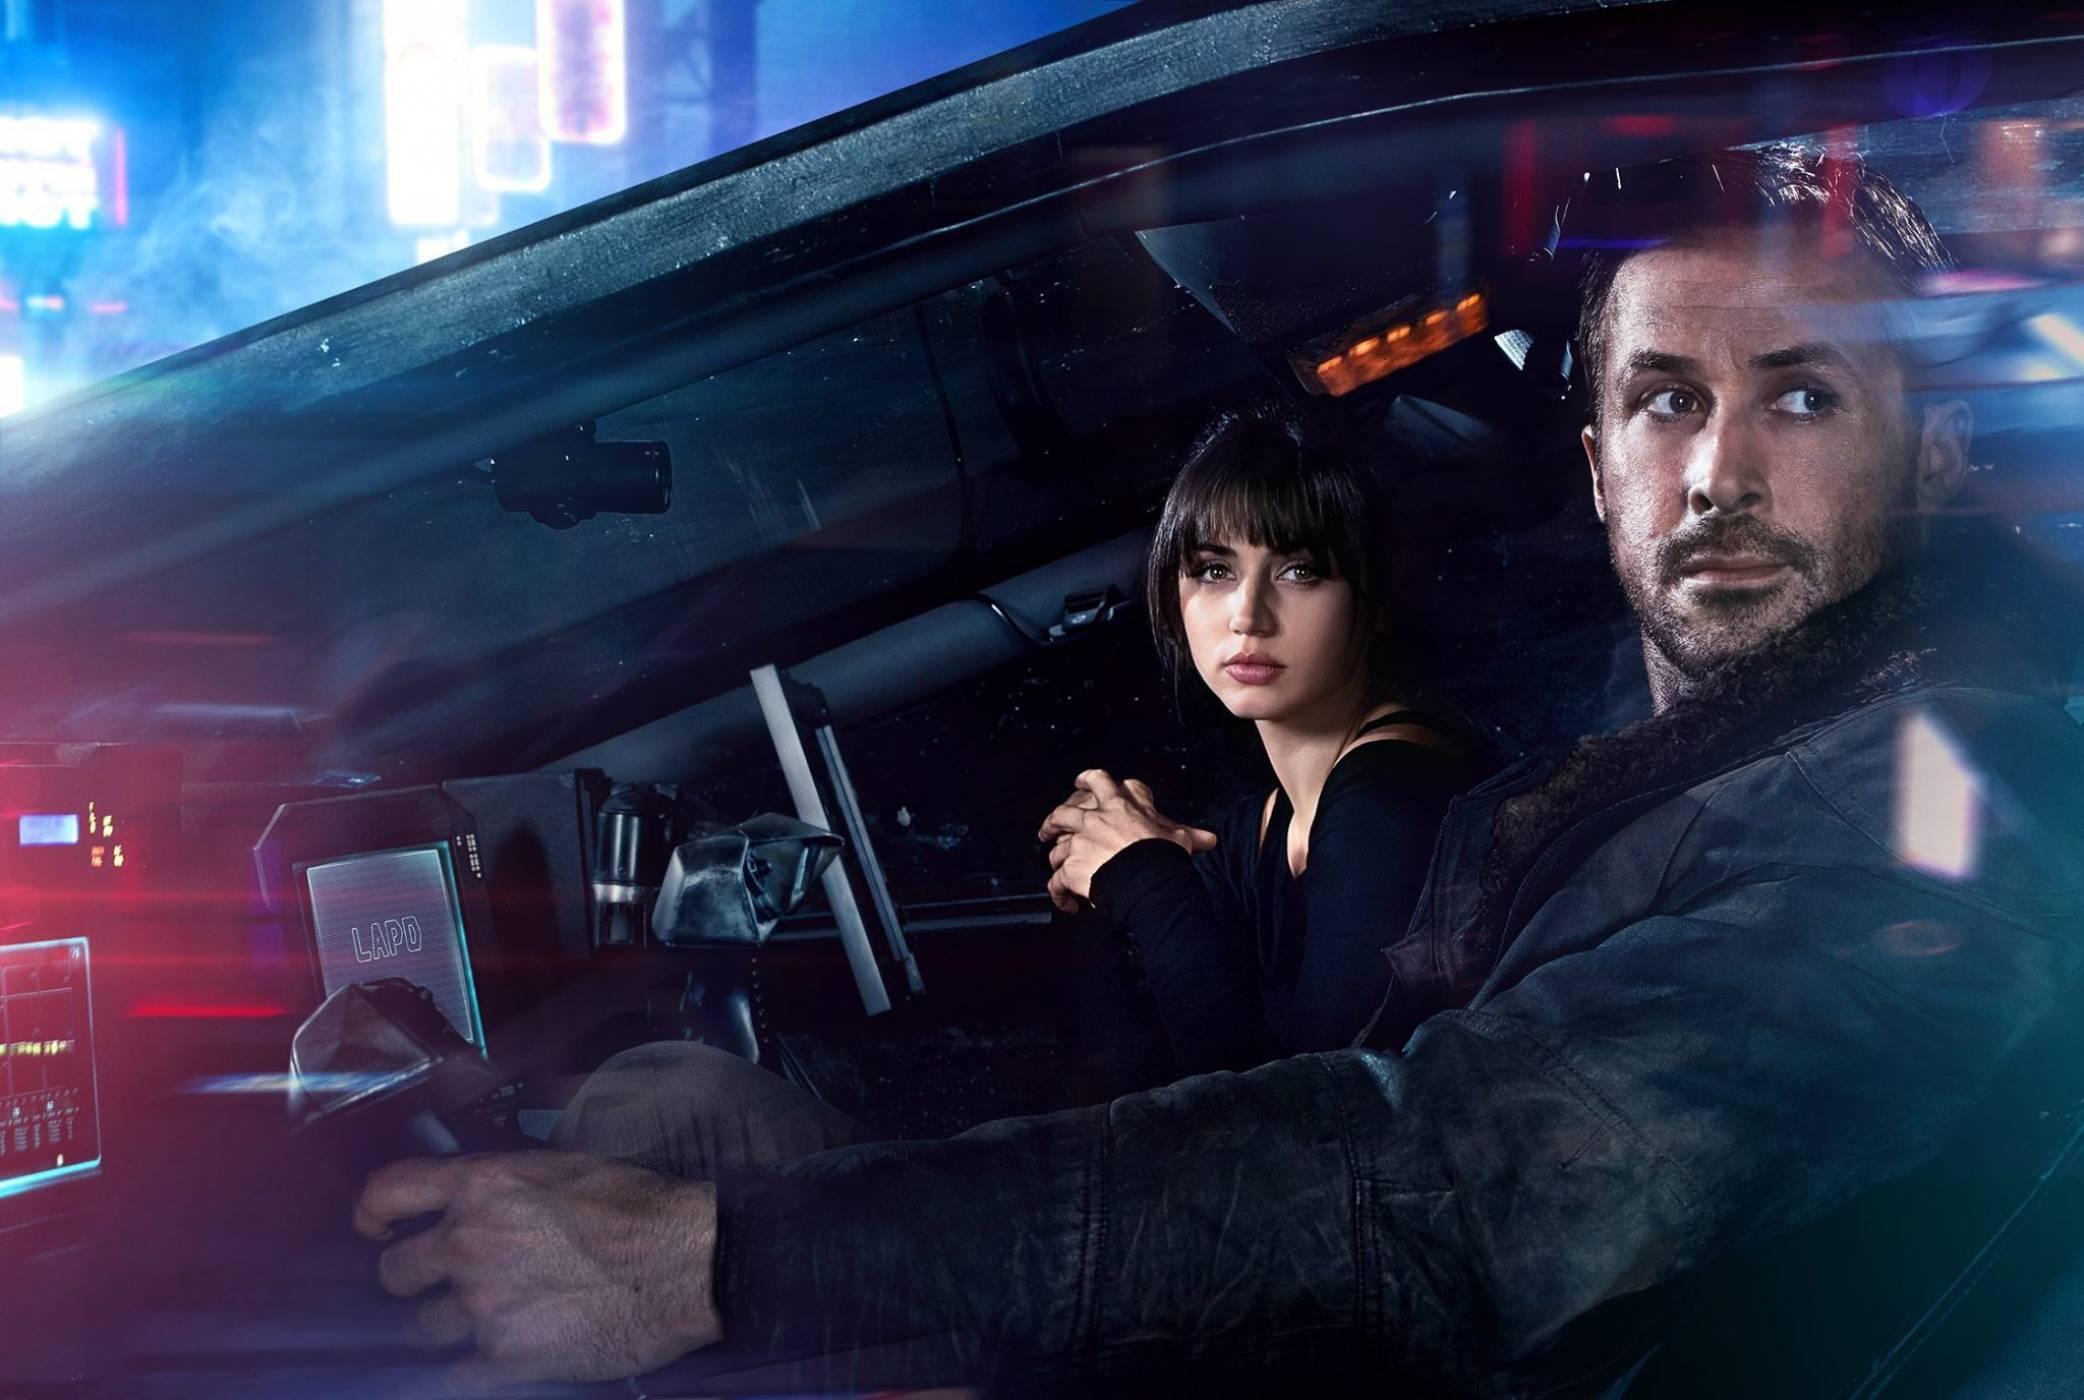 Blade Runner 2049: една бъдеща класика 35 години след първата (ревю)